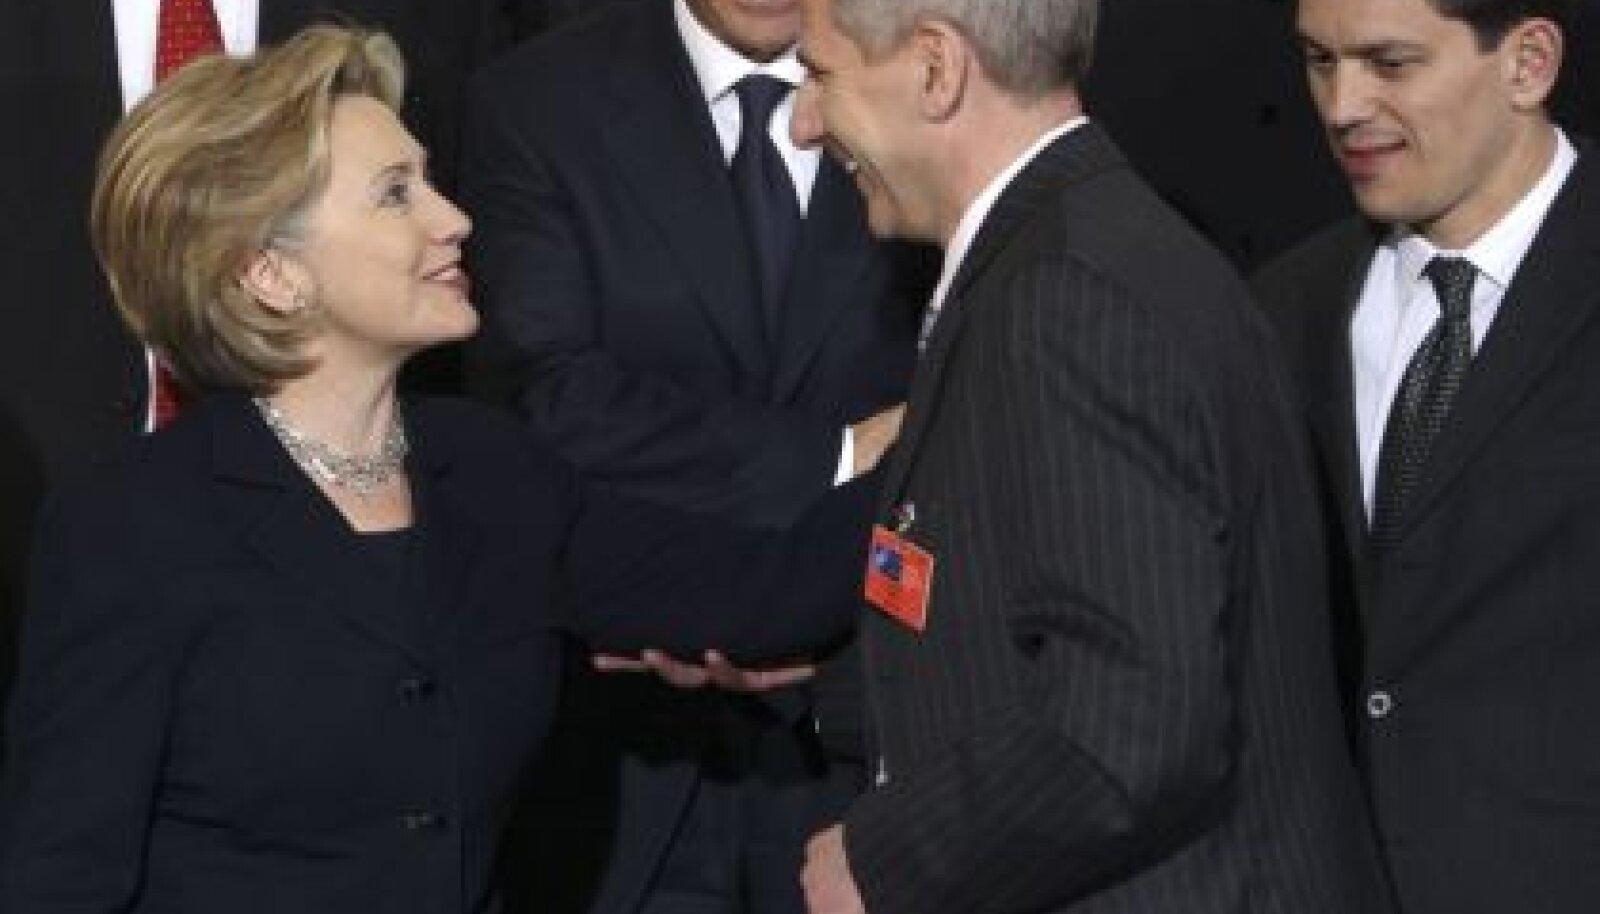 USA riigisekretär ja Leedu välisminister Vygaudas Ušackas ja nende Briti kolleeg David Miliband